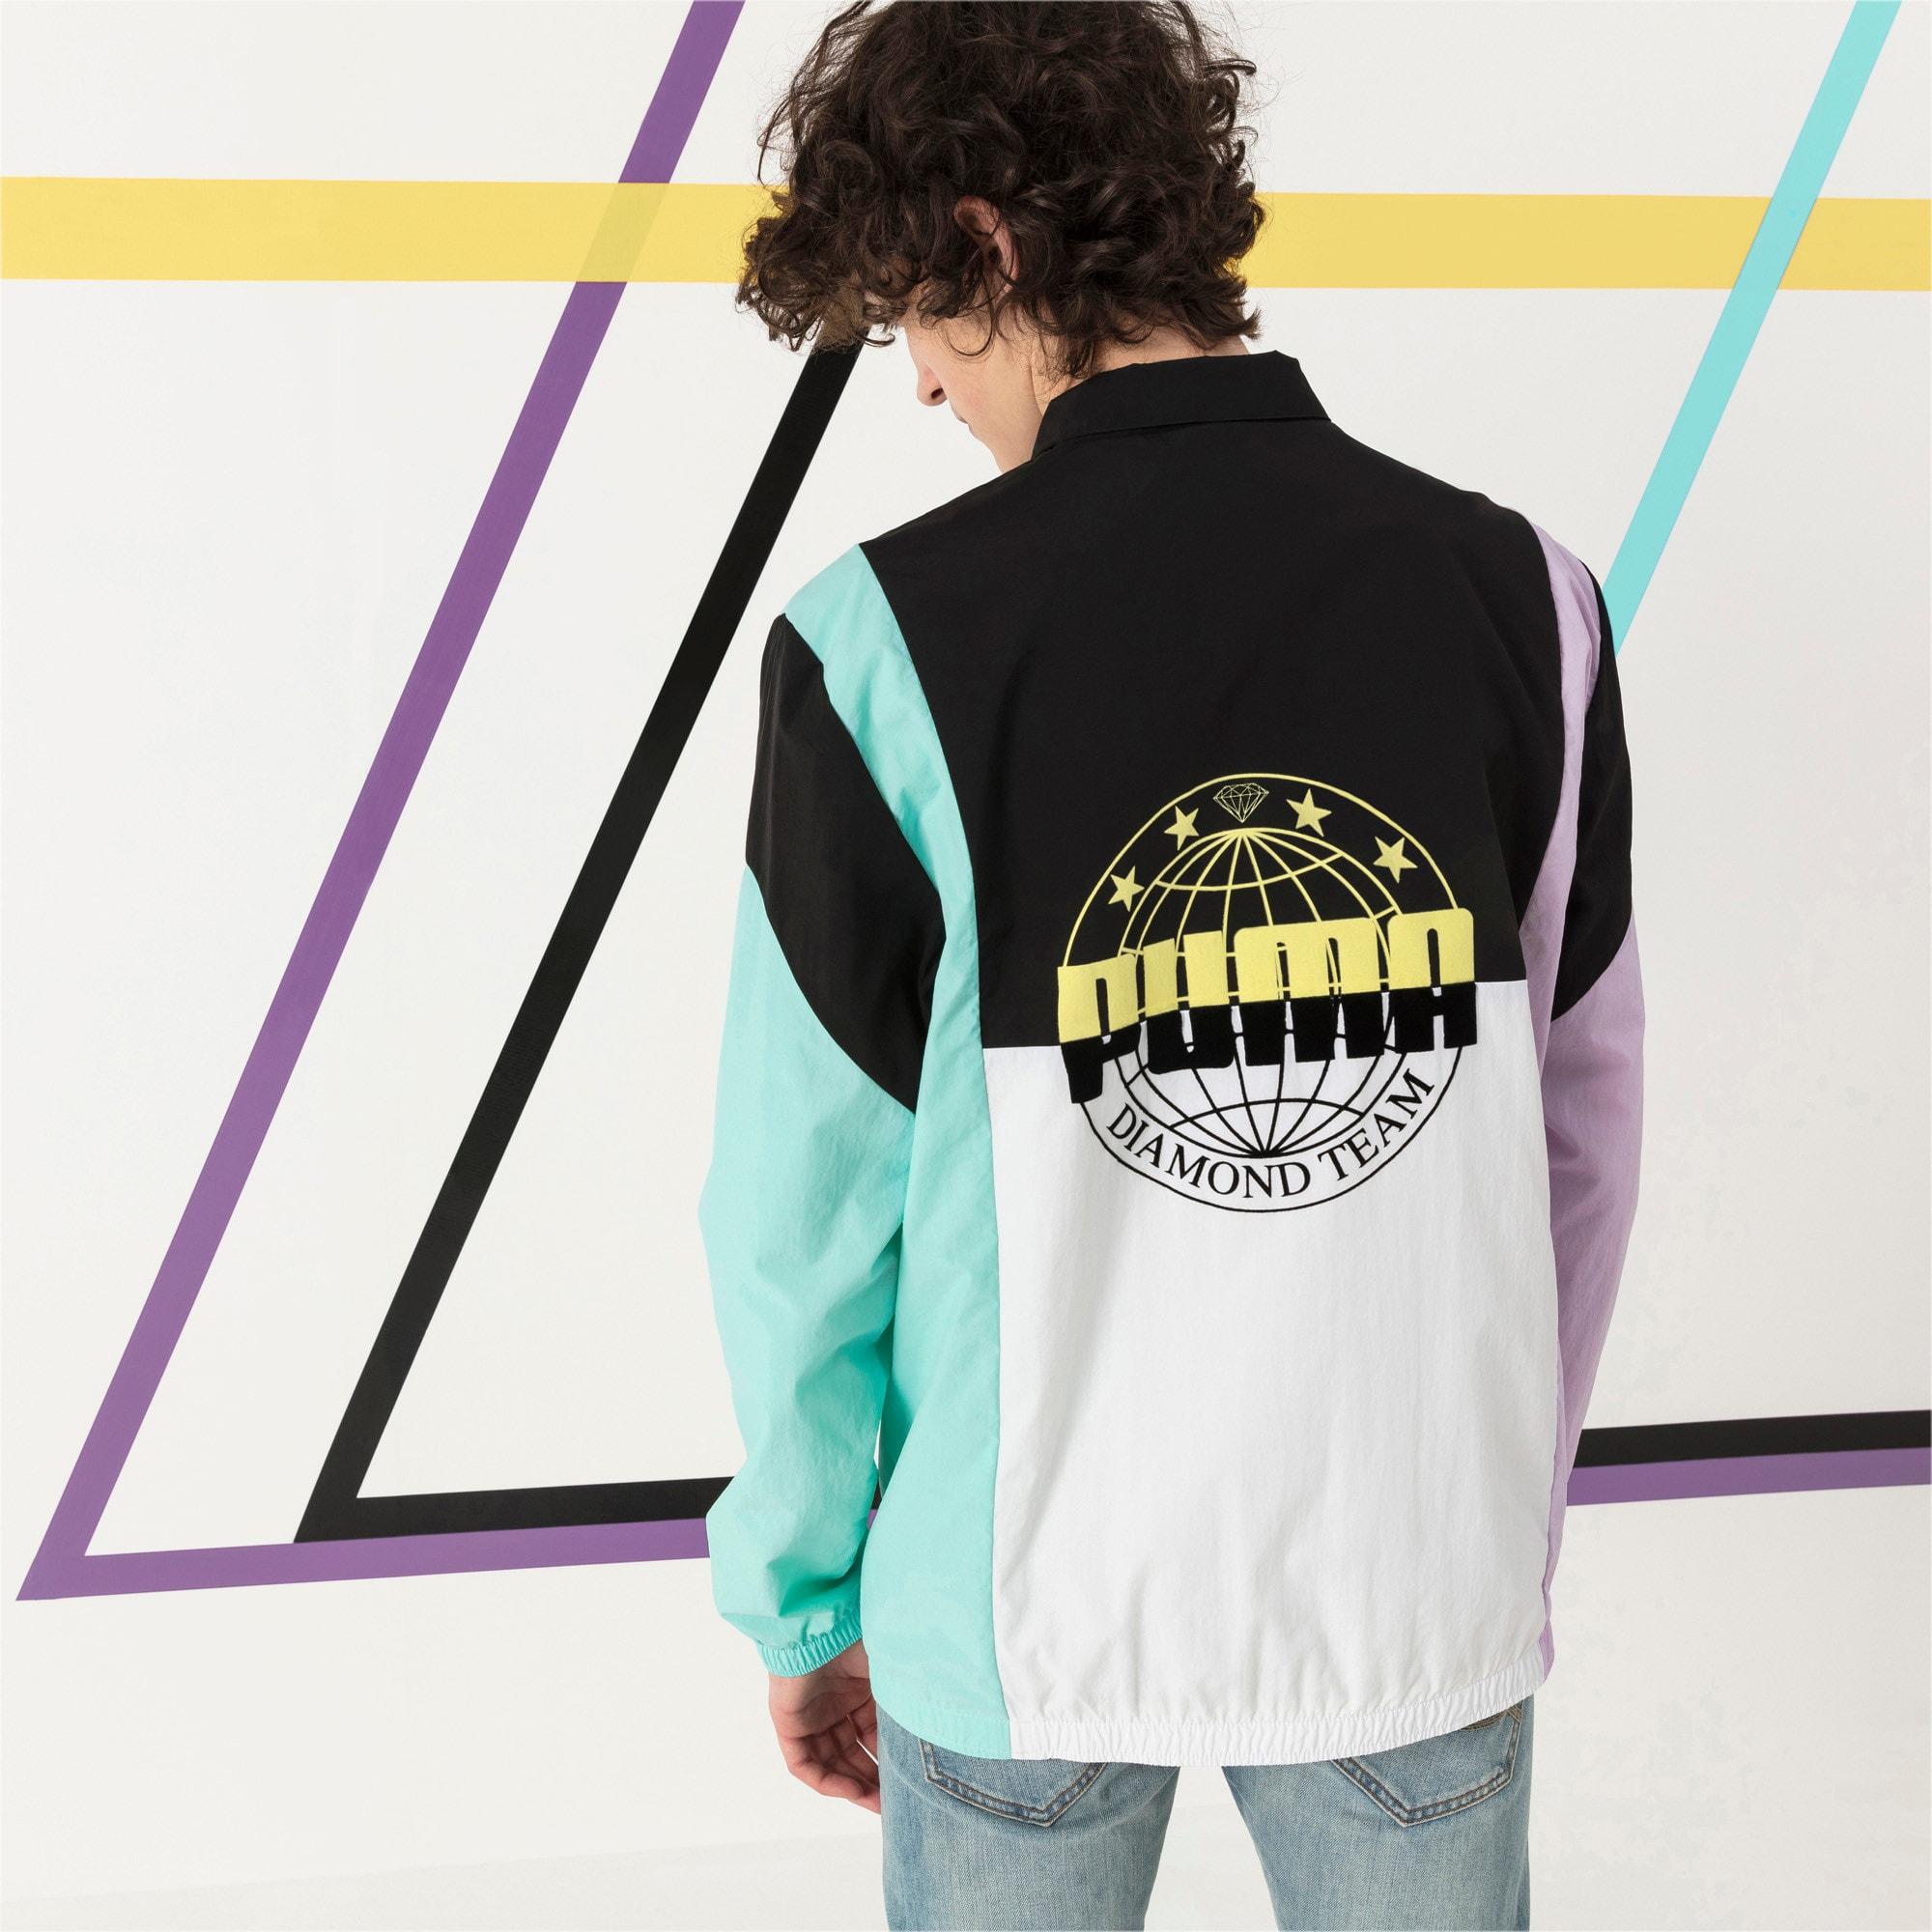 Thumbnail 3 of PUMA x DIAMOND Savannah Track Jacket, Puma Black, medium